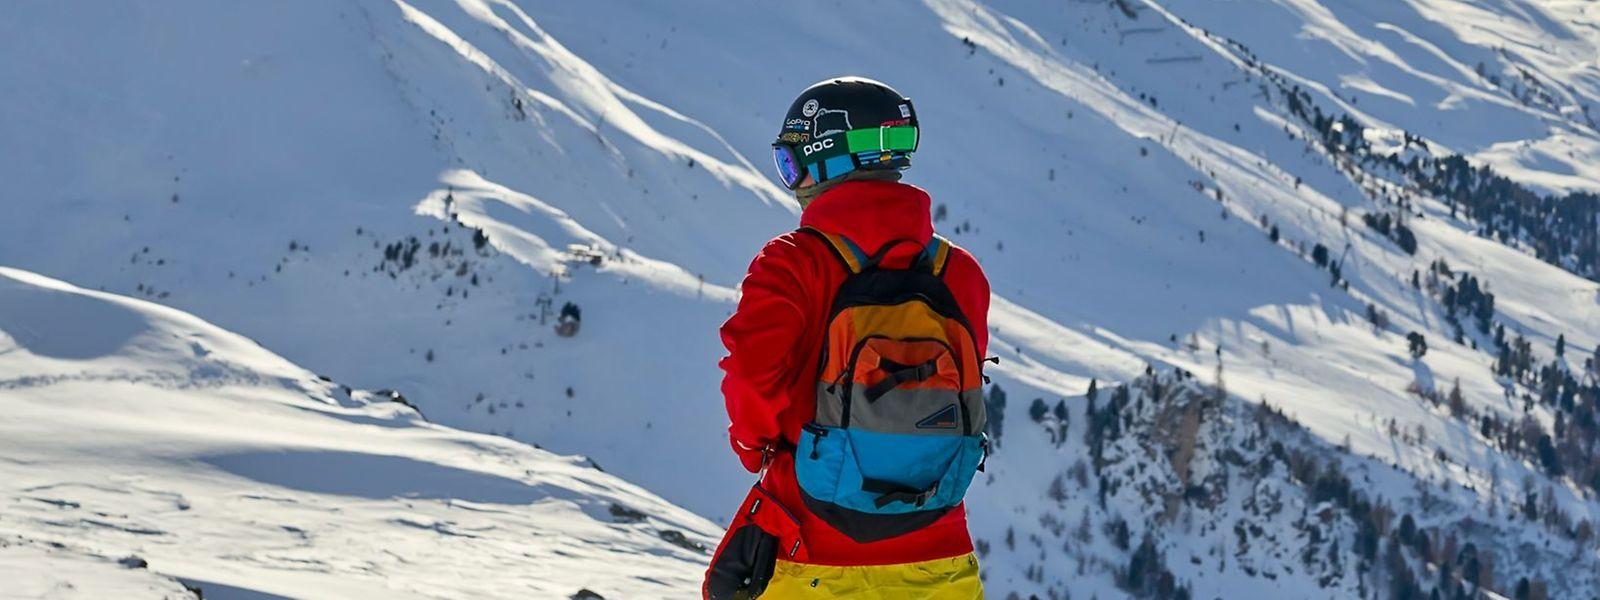 Noch ist nicht klar, ob die Wintersportsaison 2020/21 stattfinden kann.